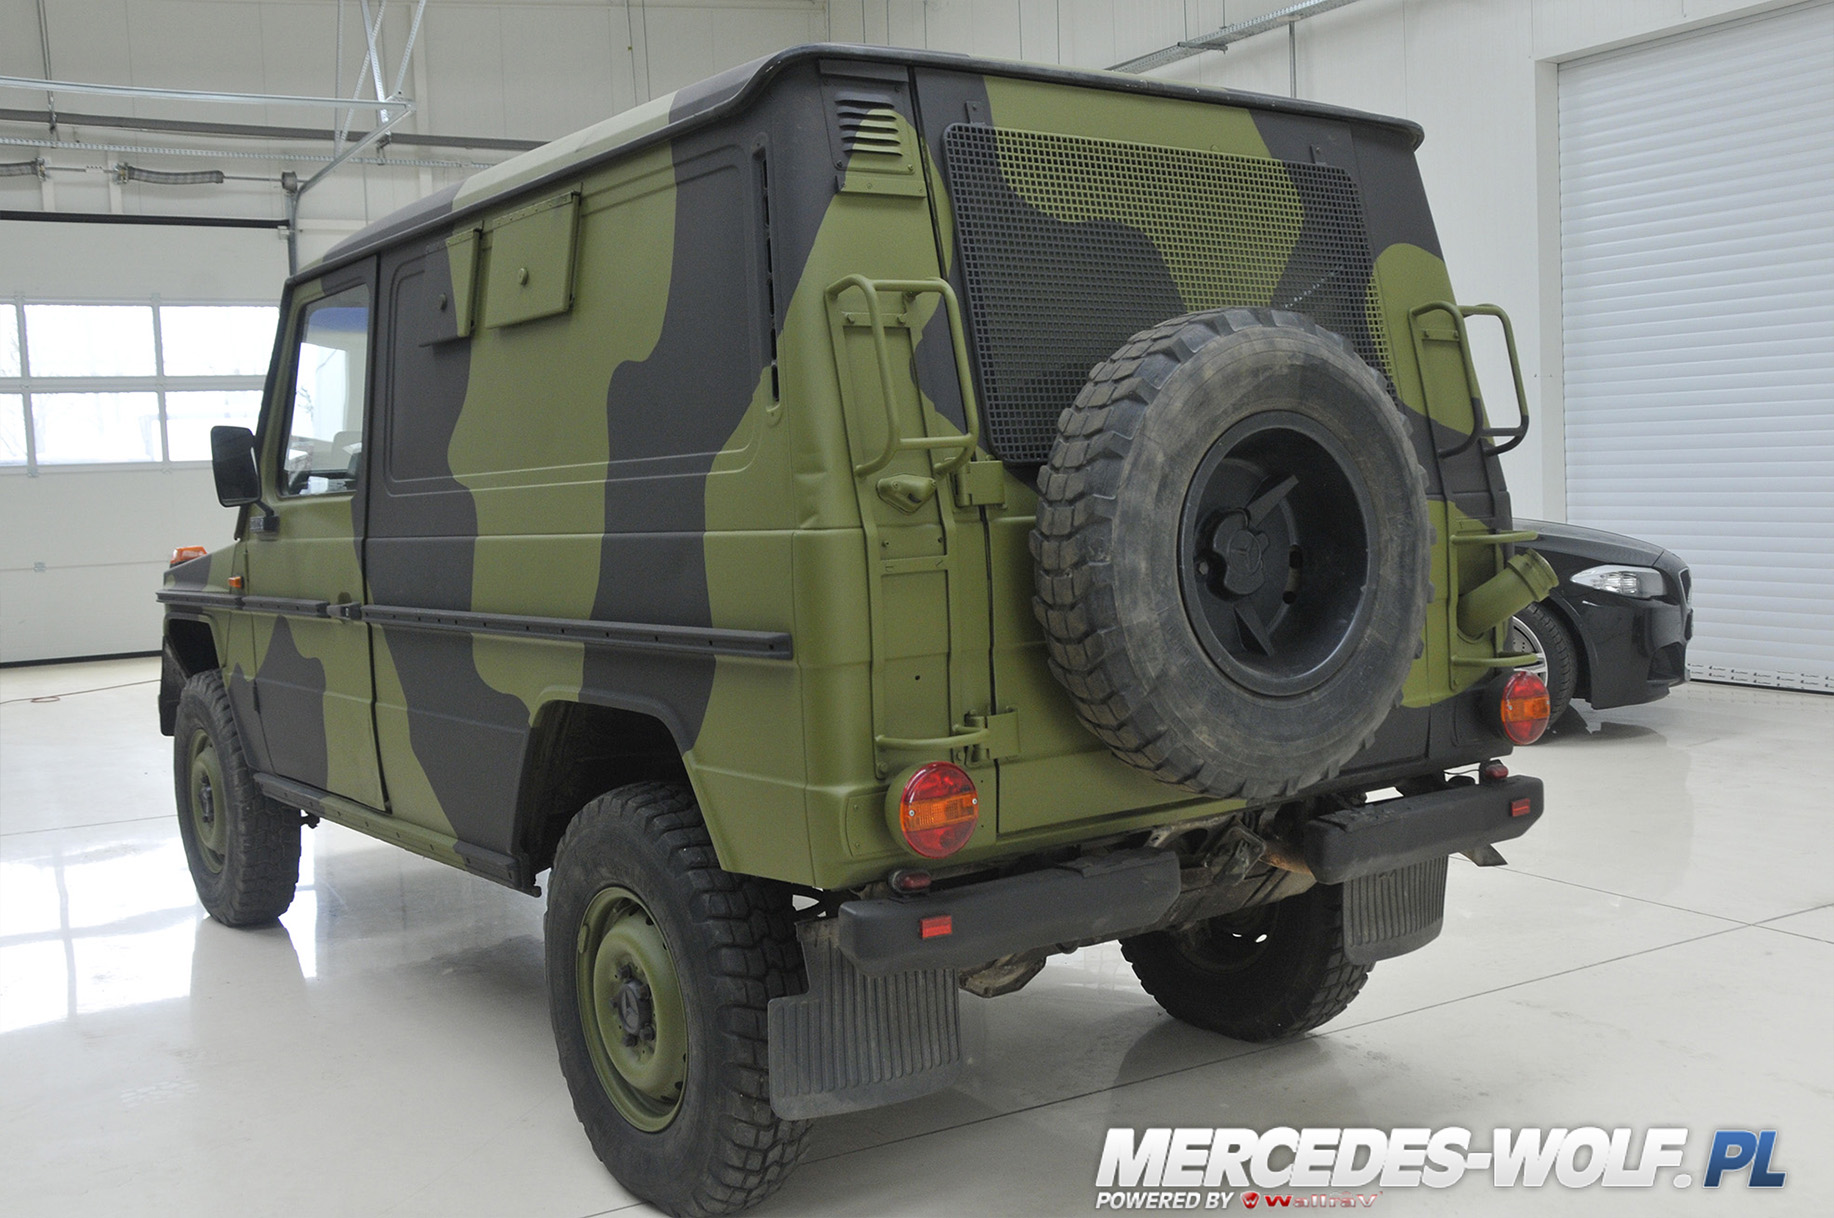 mercedes benz g 240gd 24v 10 mercedes mercedes g class g force 1 en mercedes g. Black Bedroom Furniture Sets. Home Design Ideas